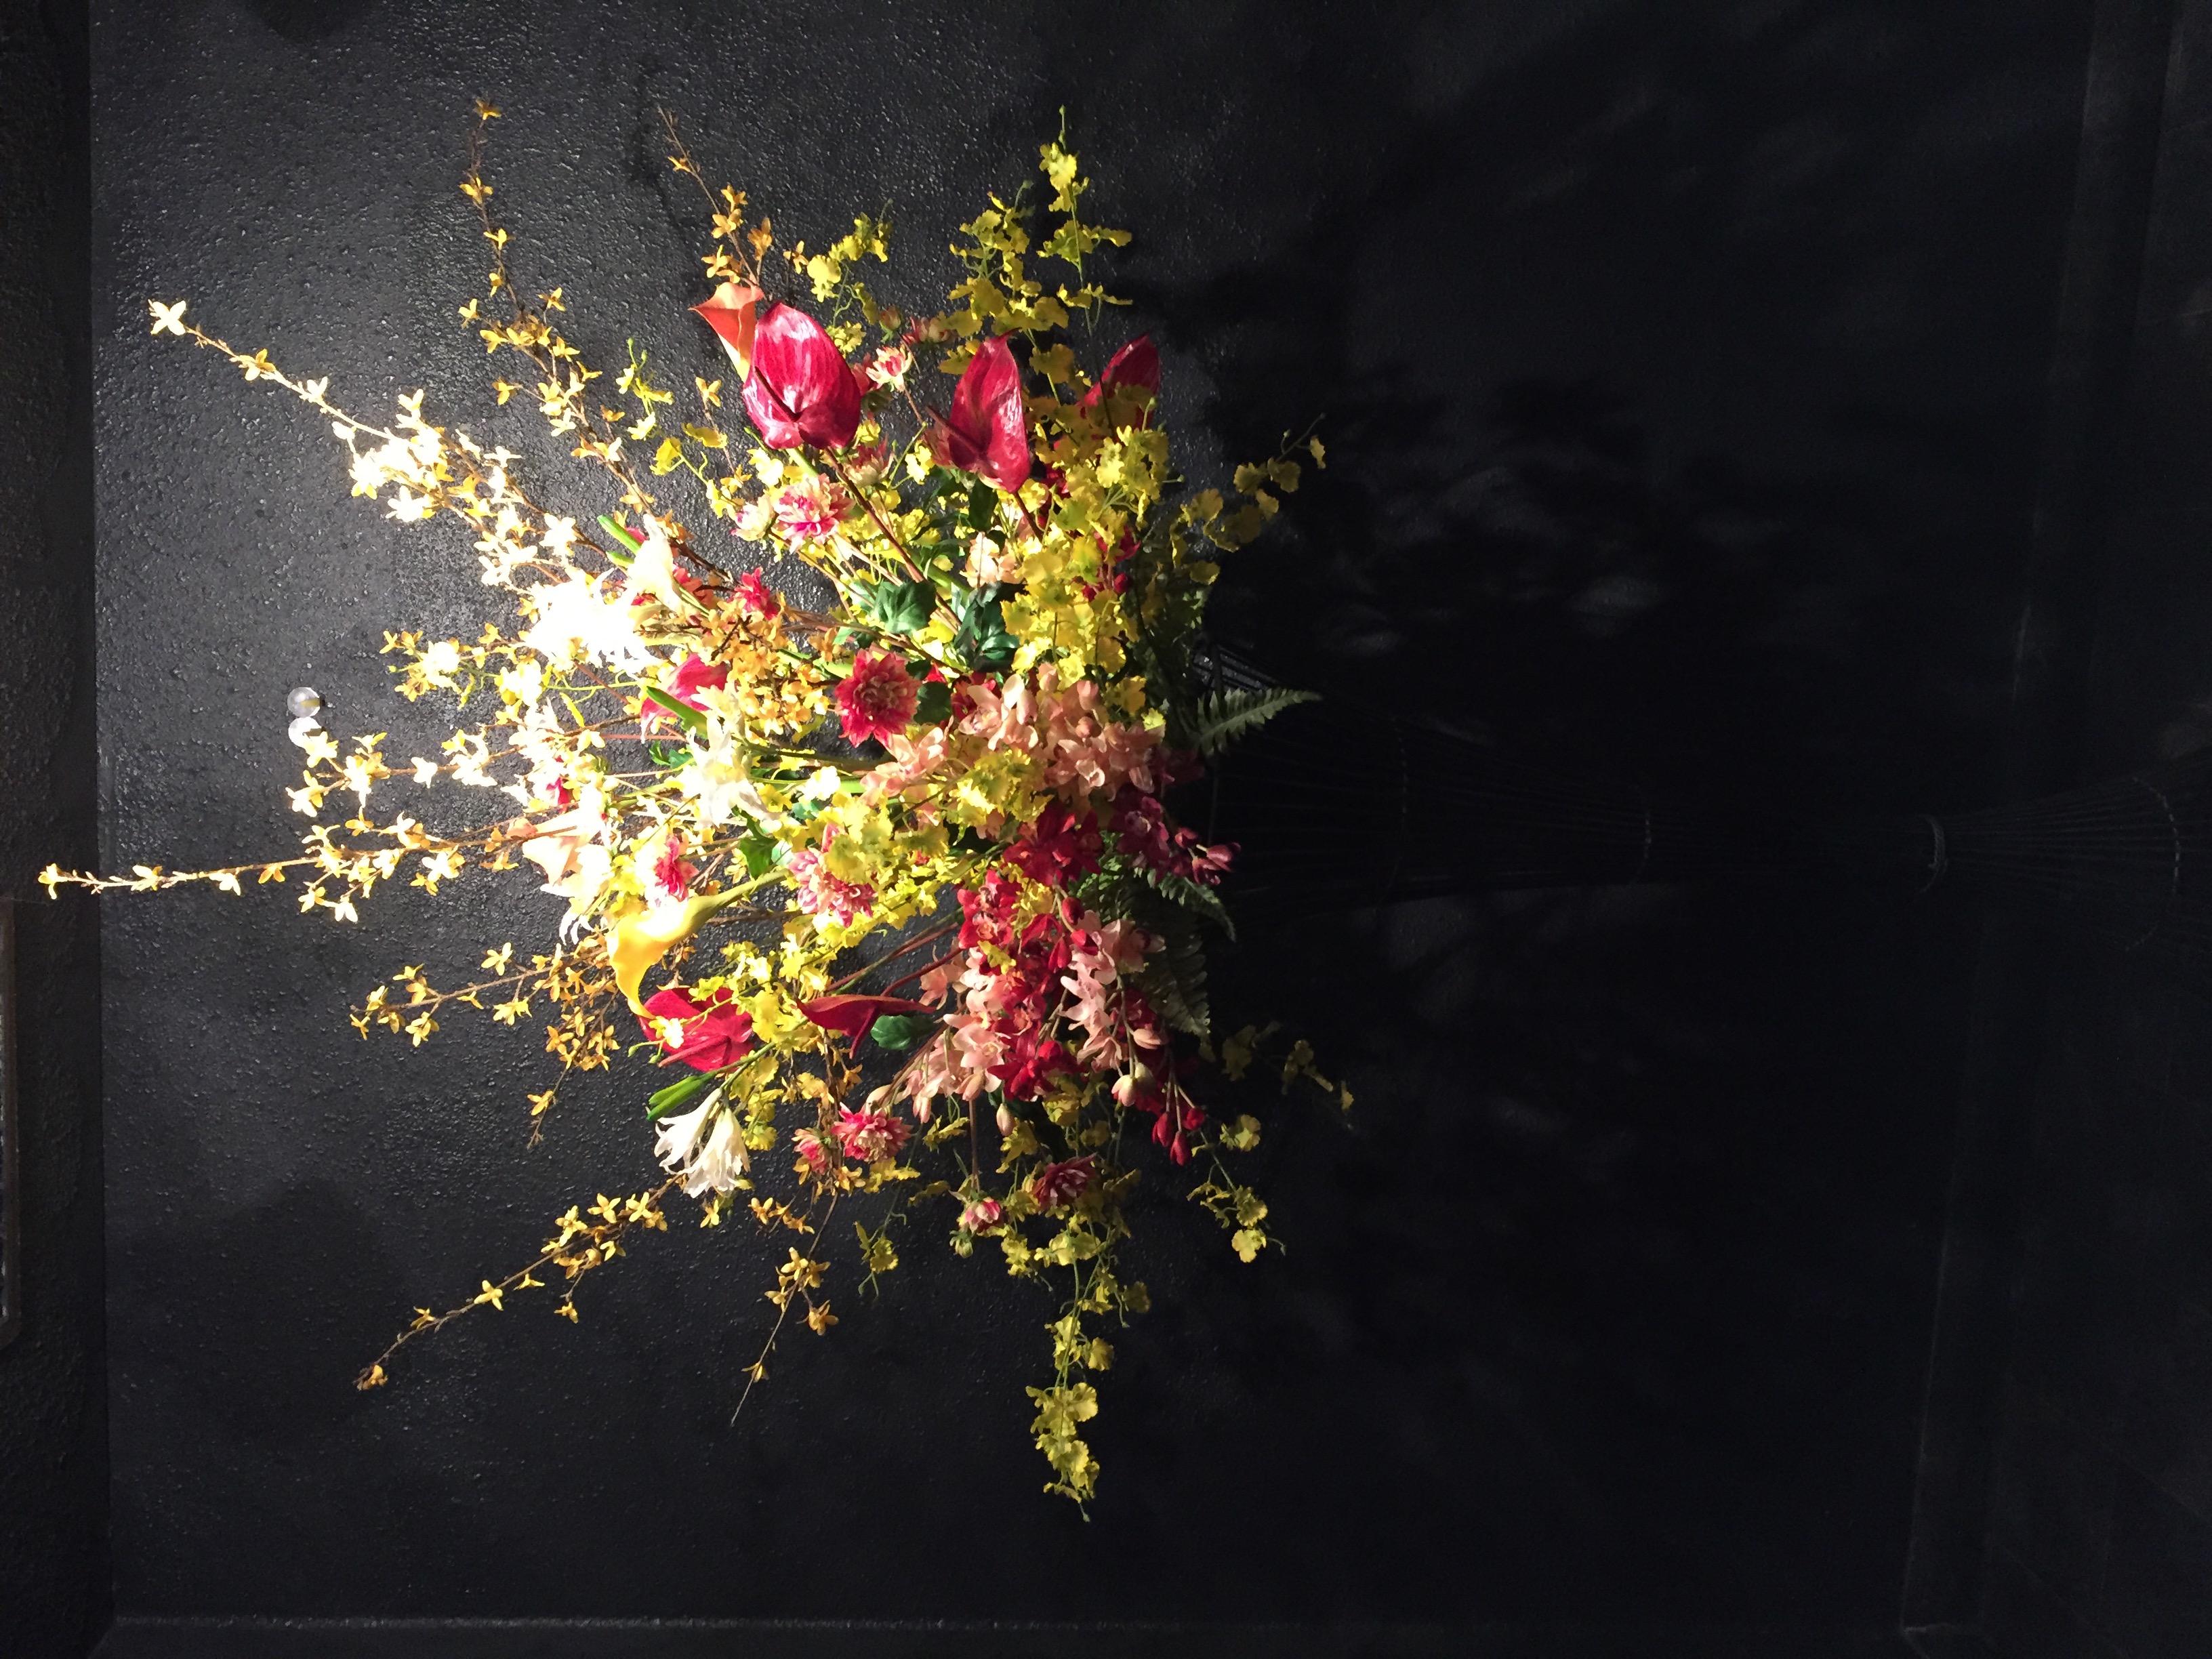 中州 クラブ友禅様 エレベーターホールの花